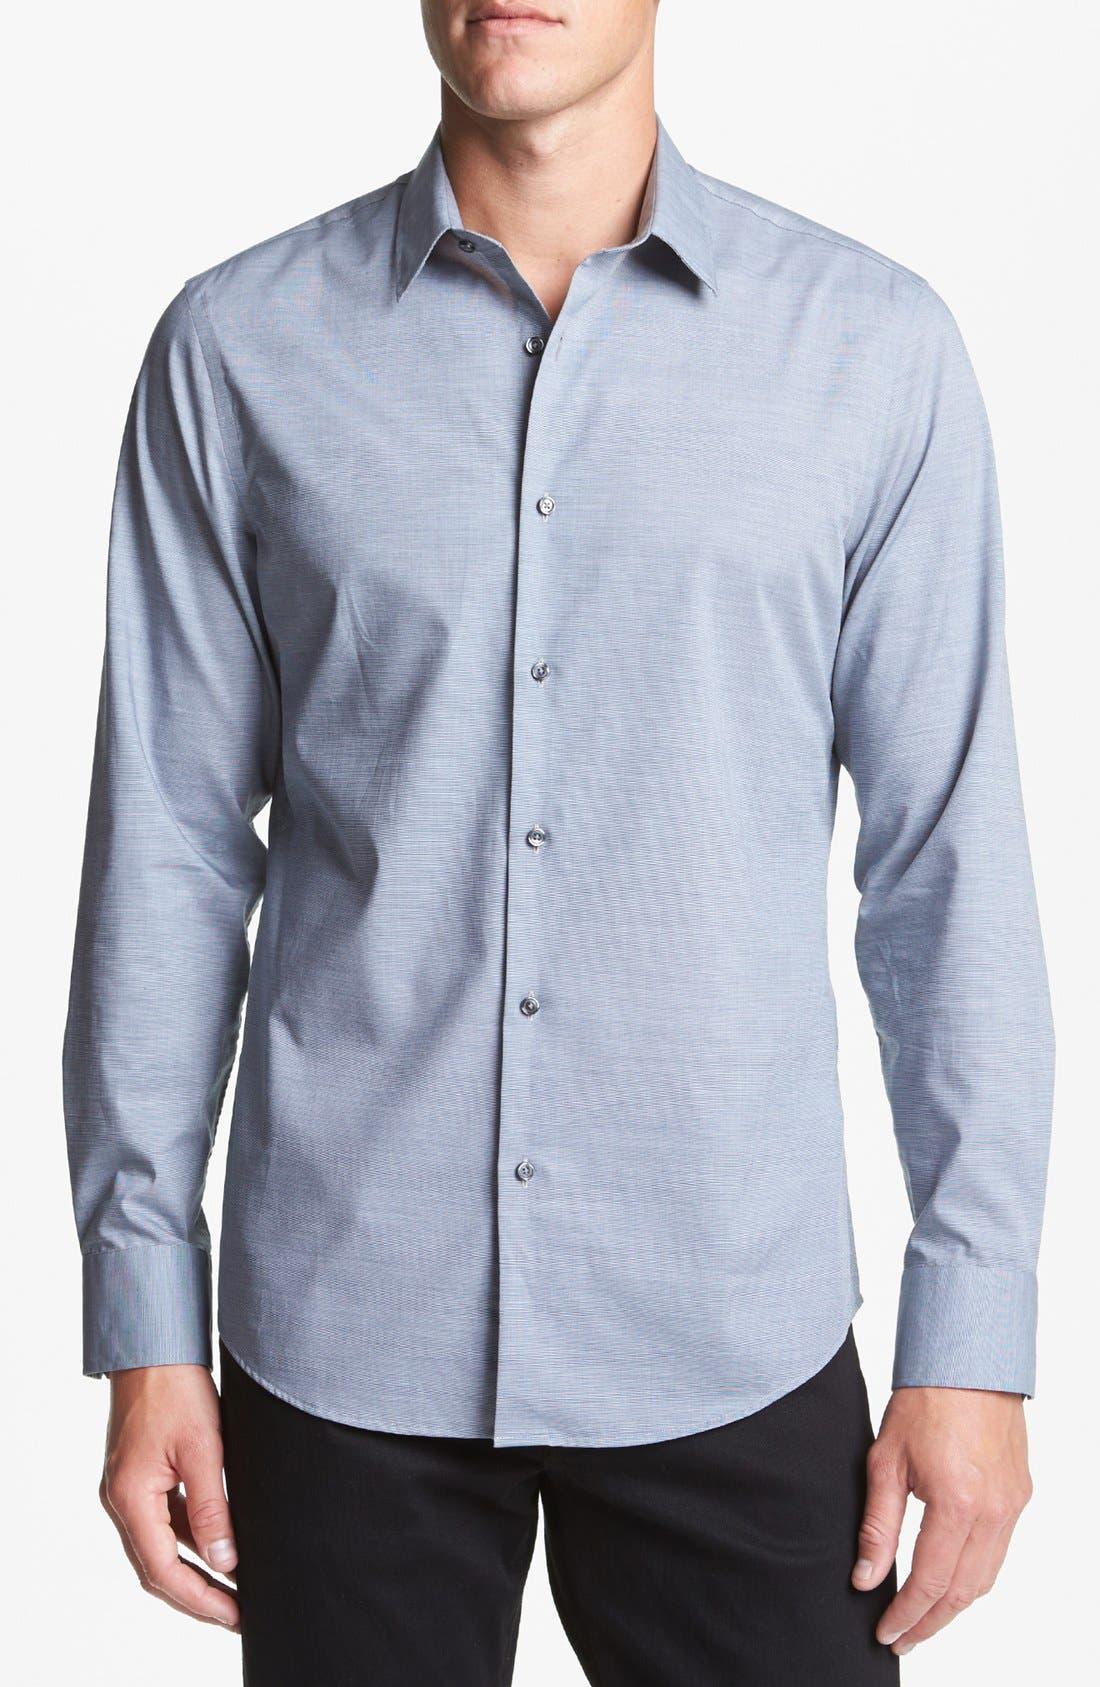 Alternate Image 1 Selected - Calibrate Slim Fit Sport Shirt